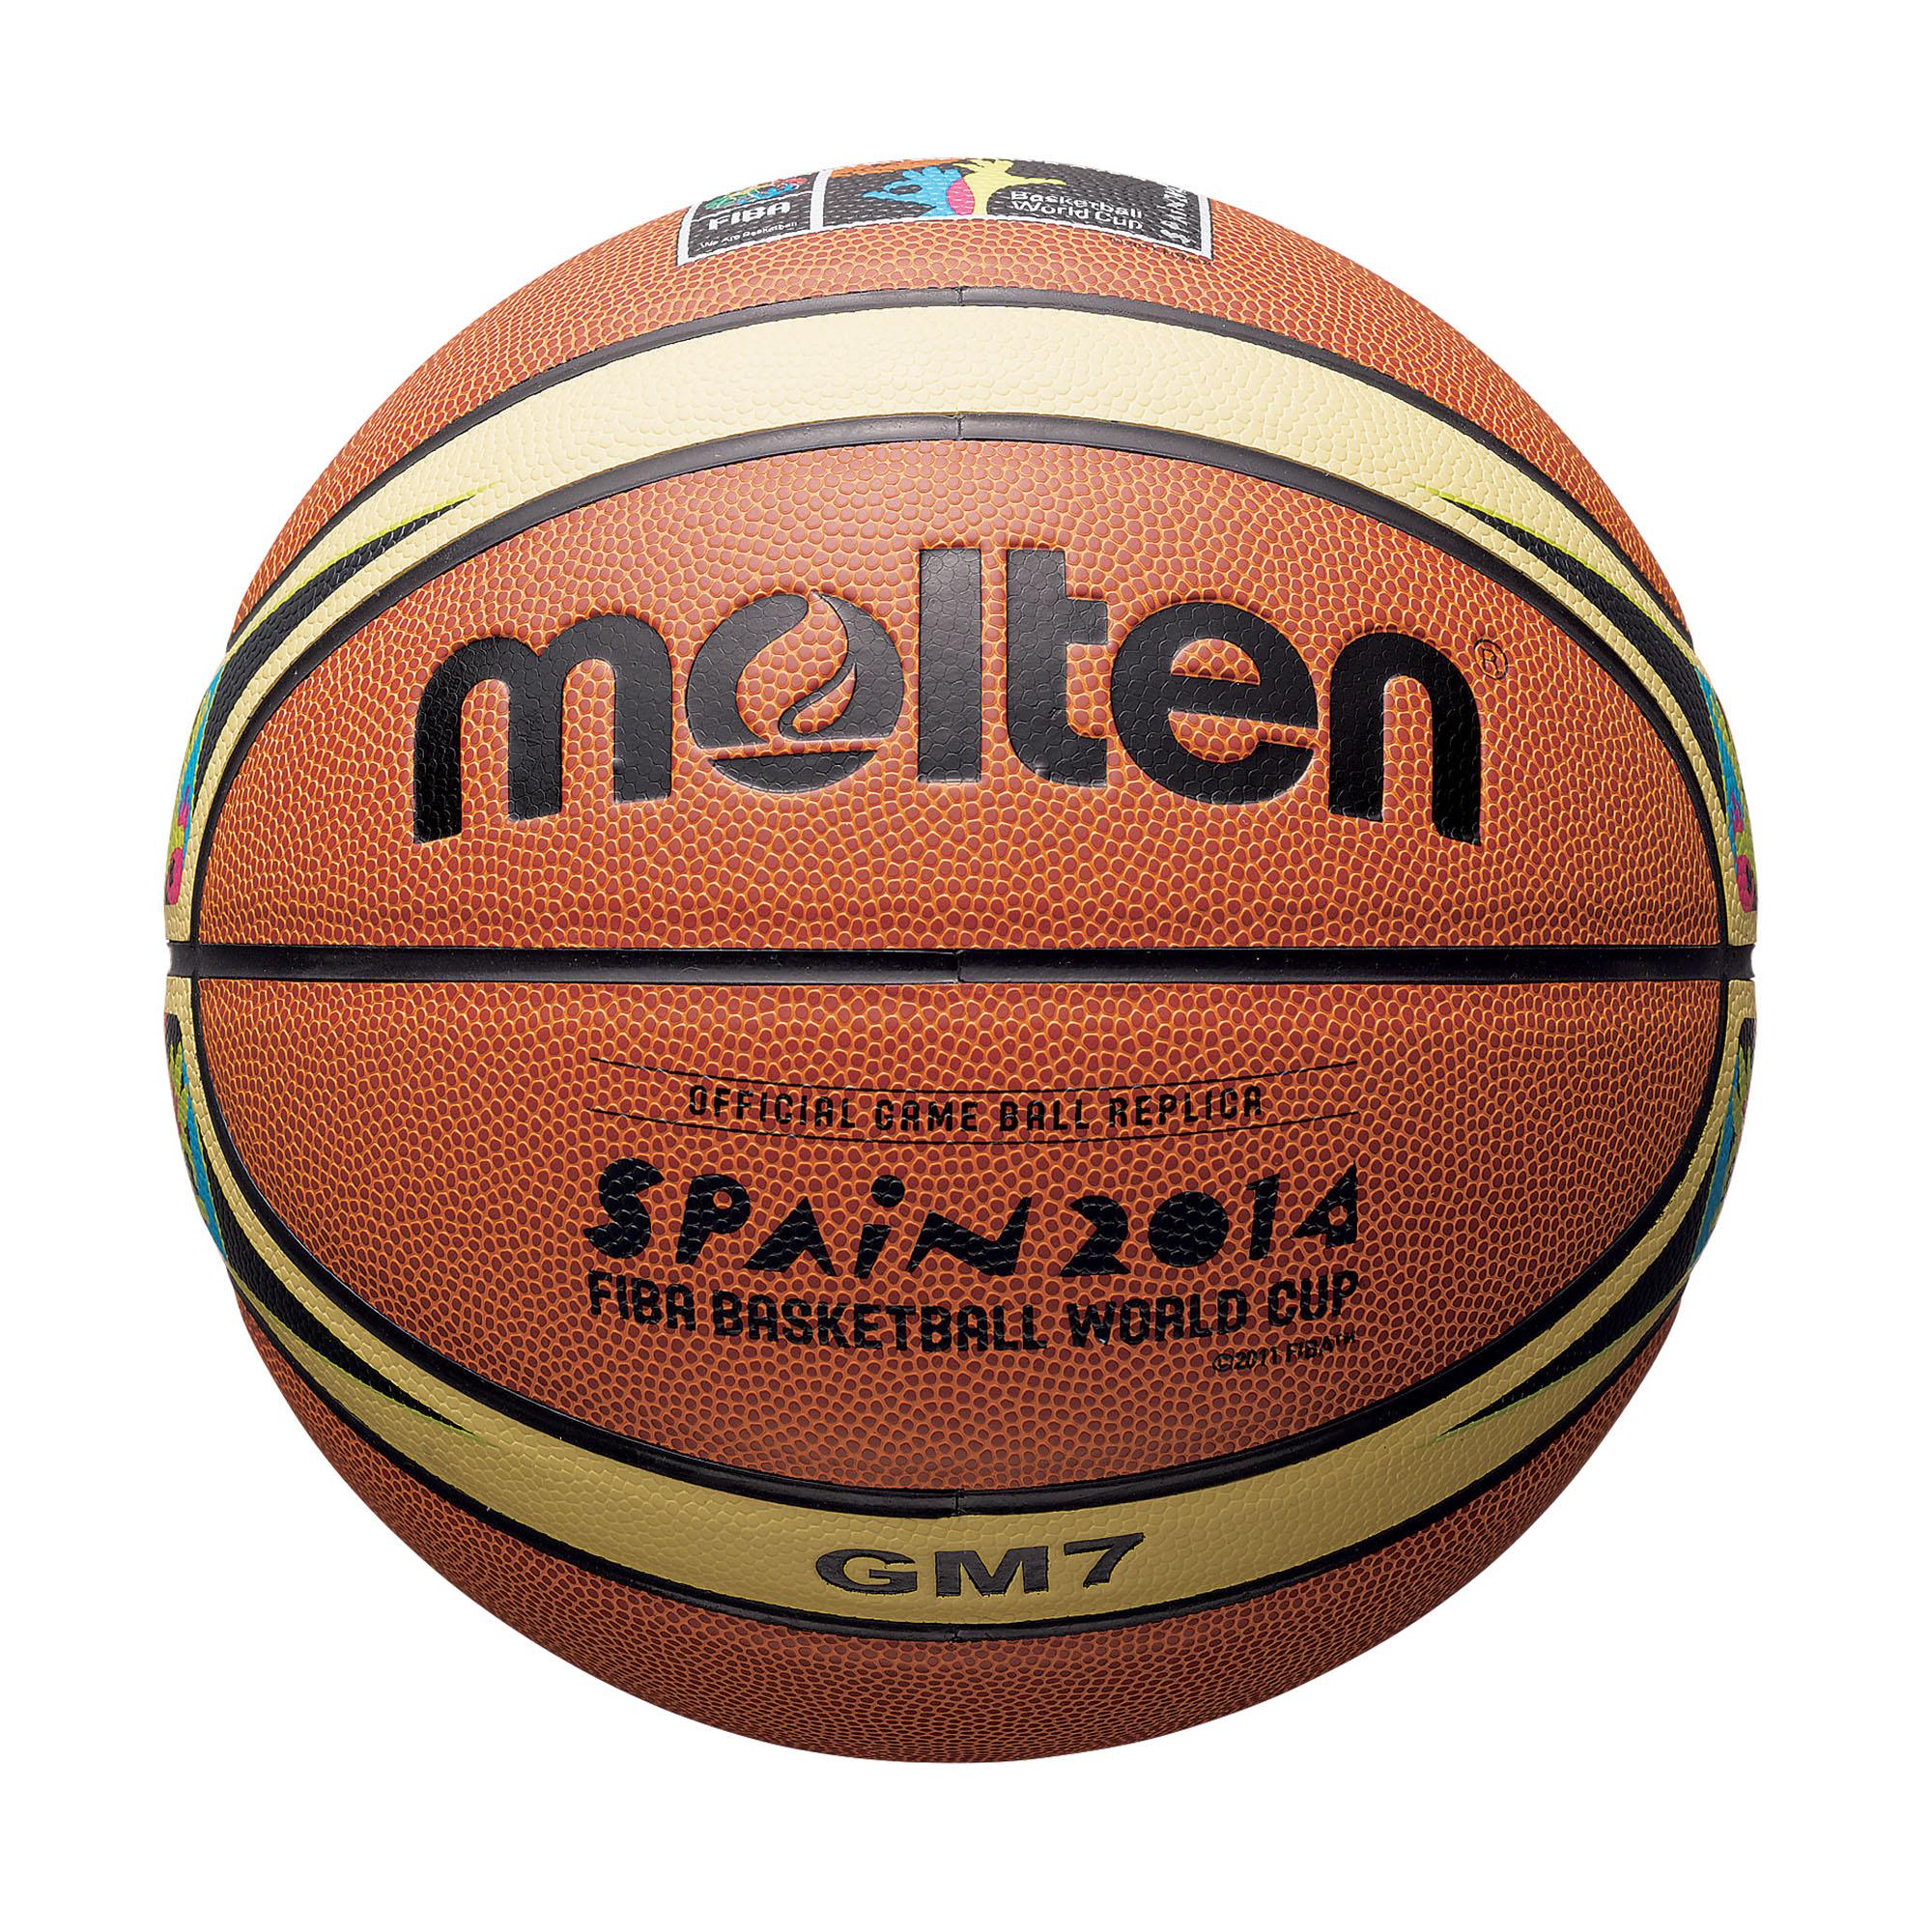 Molten BGM Series World Cup 2014 Basketball